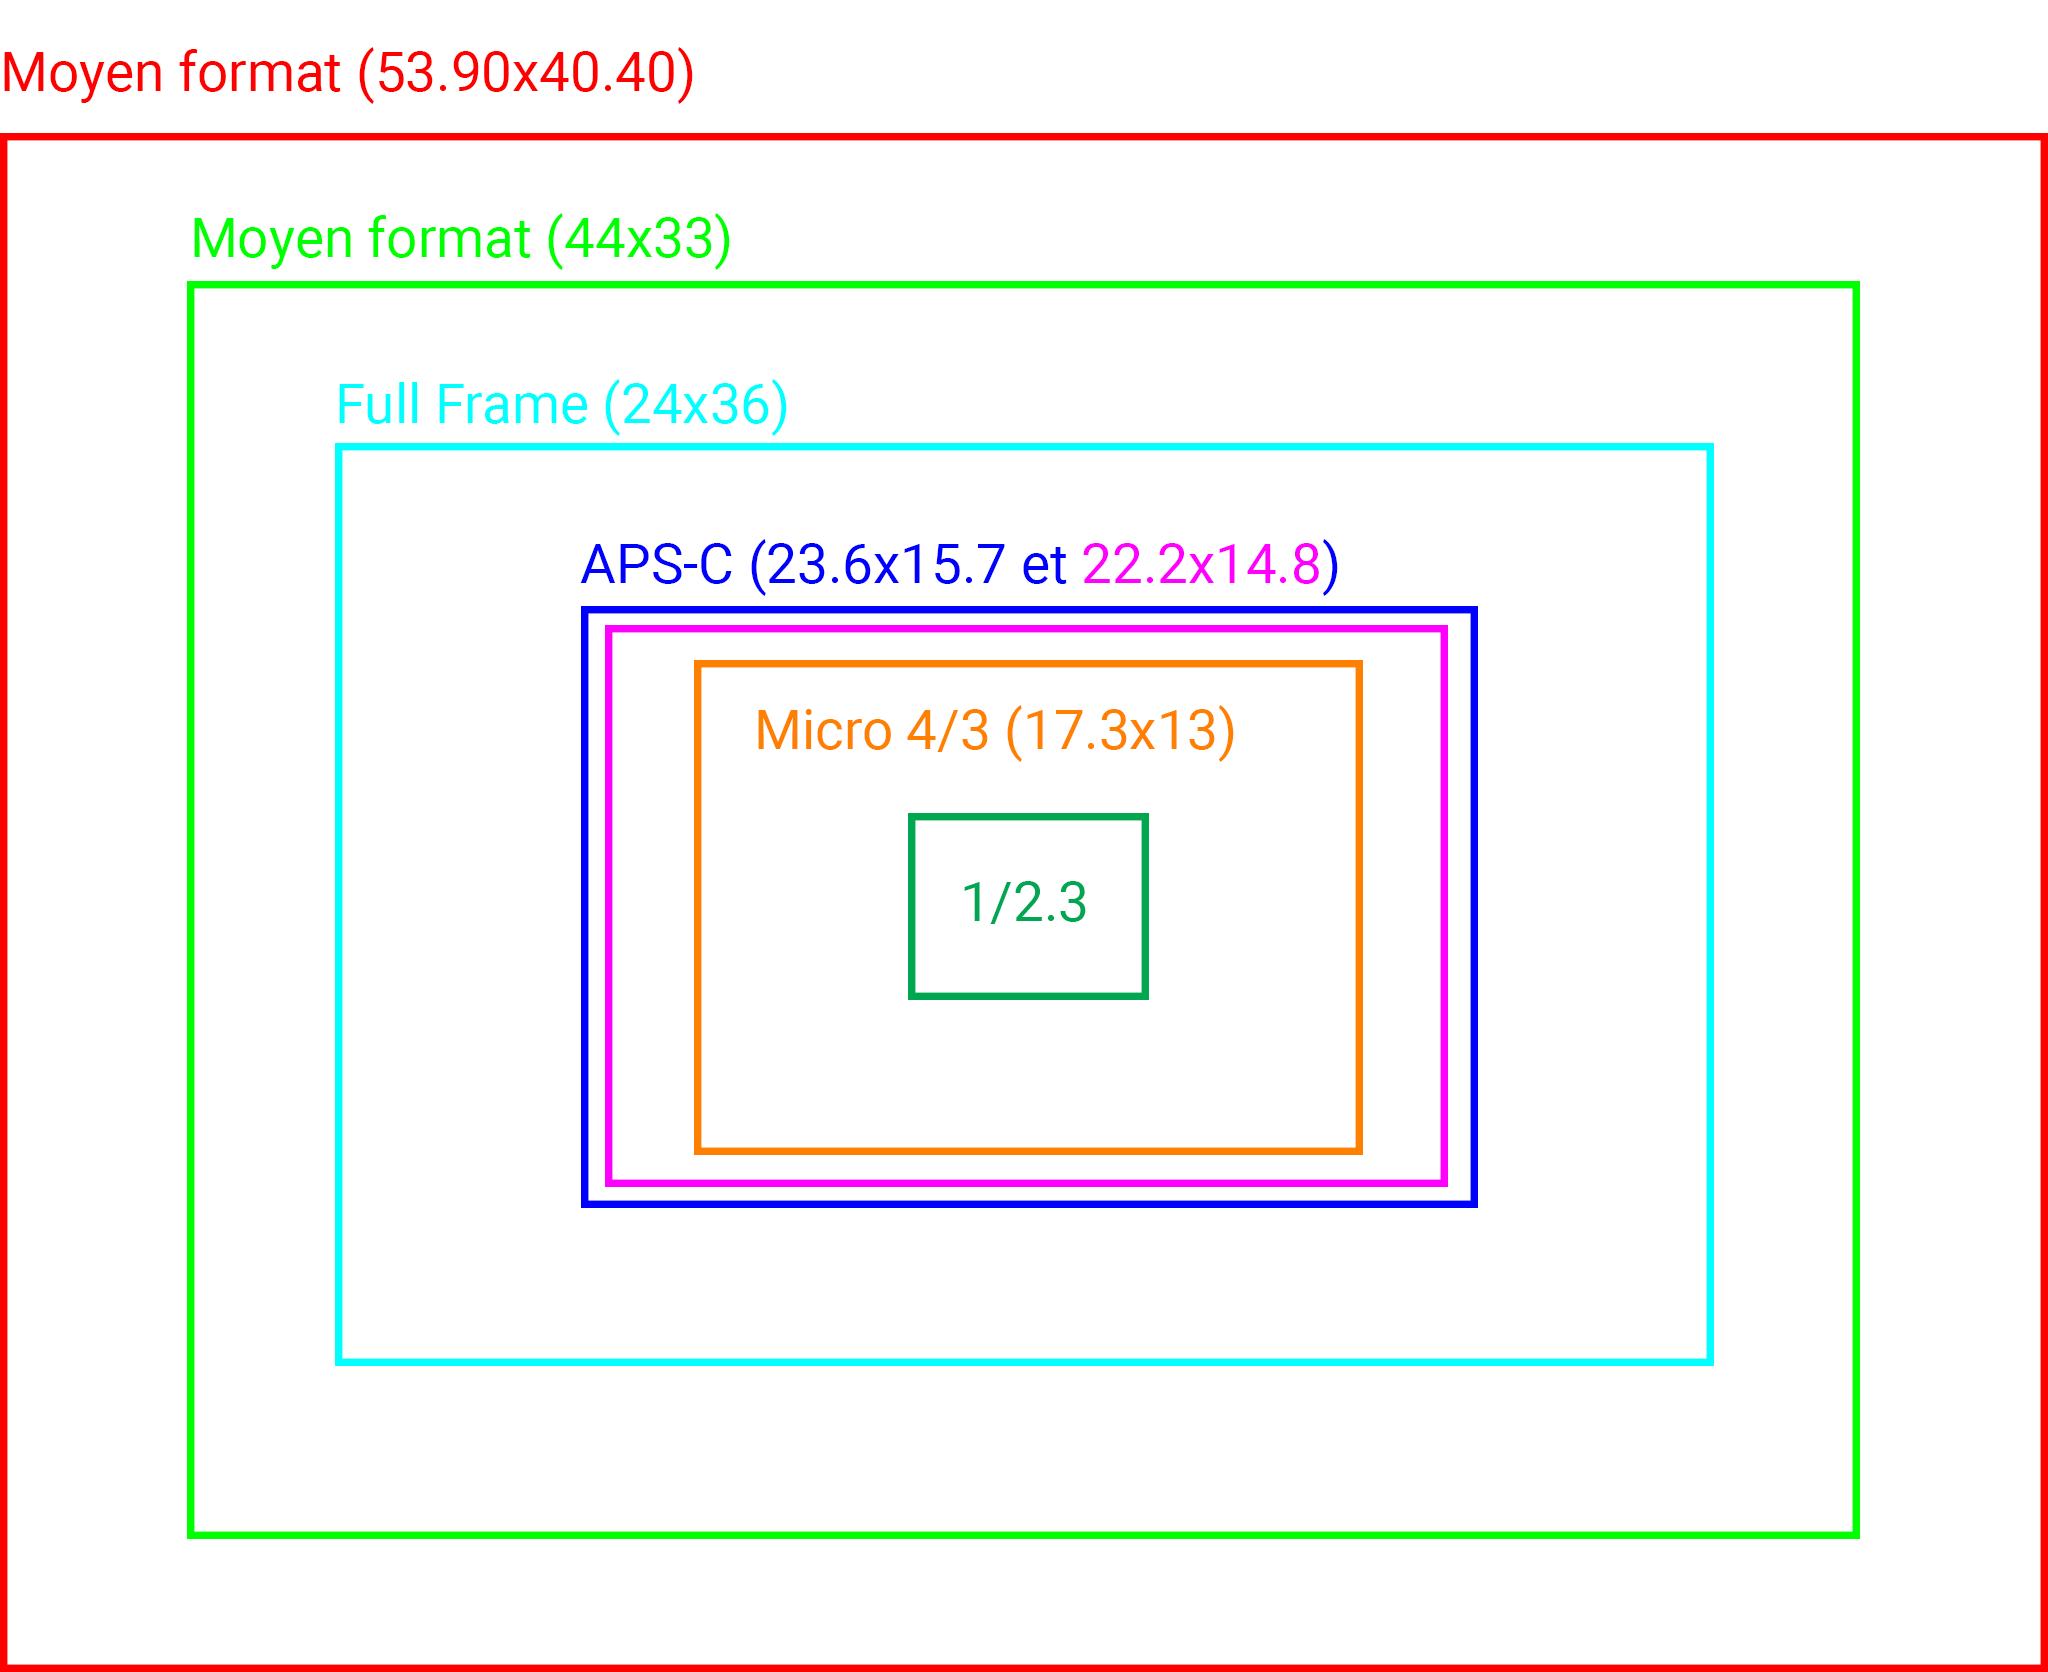 Tailles de capteur copie 3 v2.png